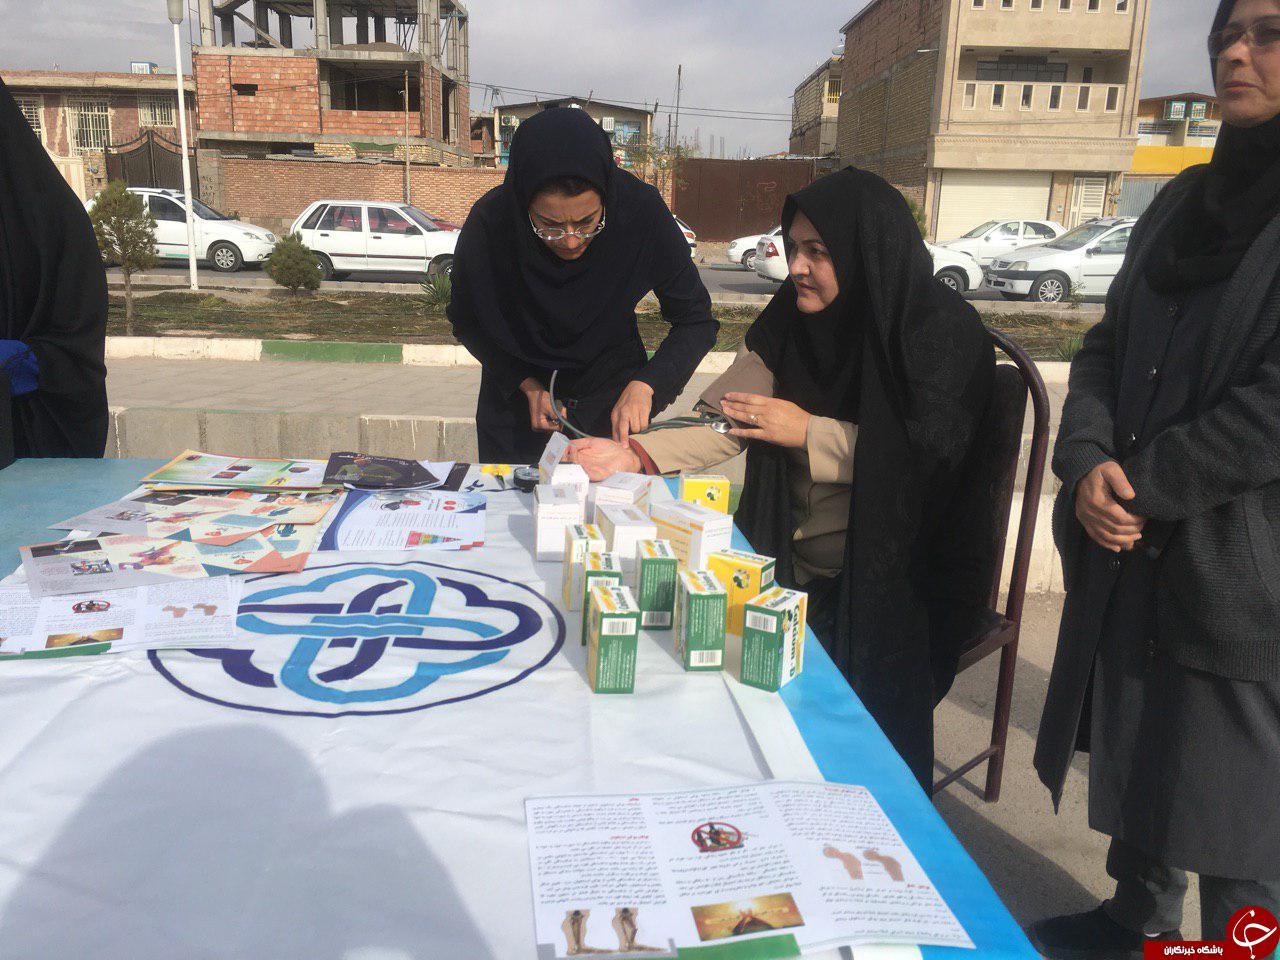 برگزاری جشنواره خانوادگی محله به محله در کرمان